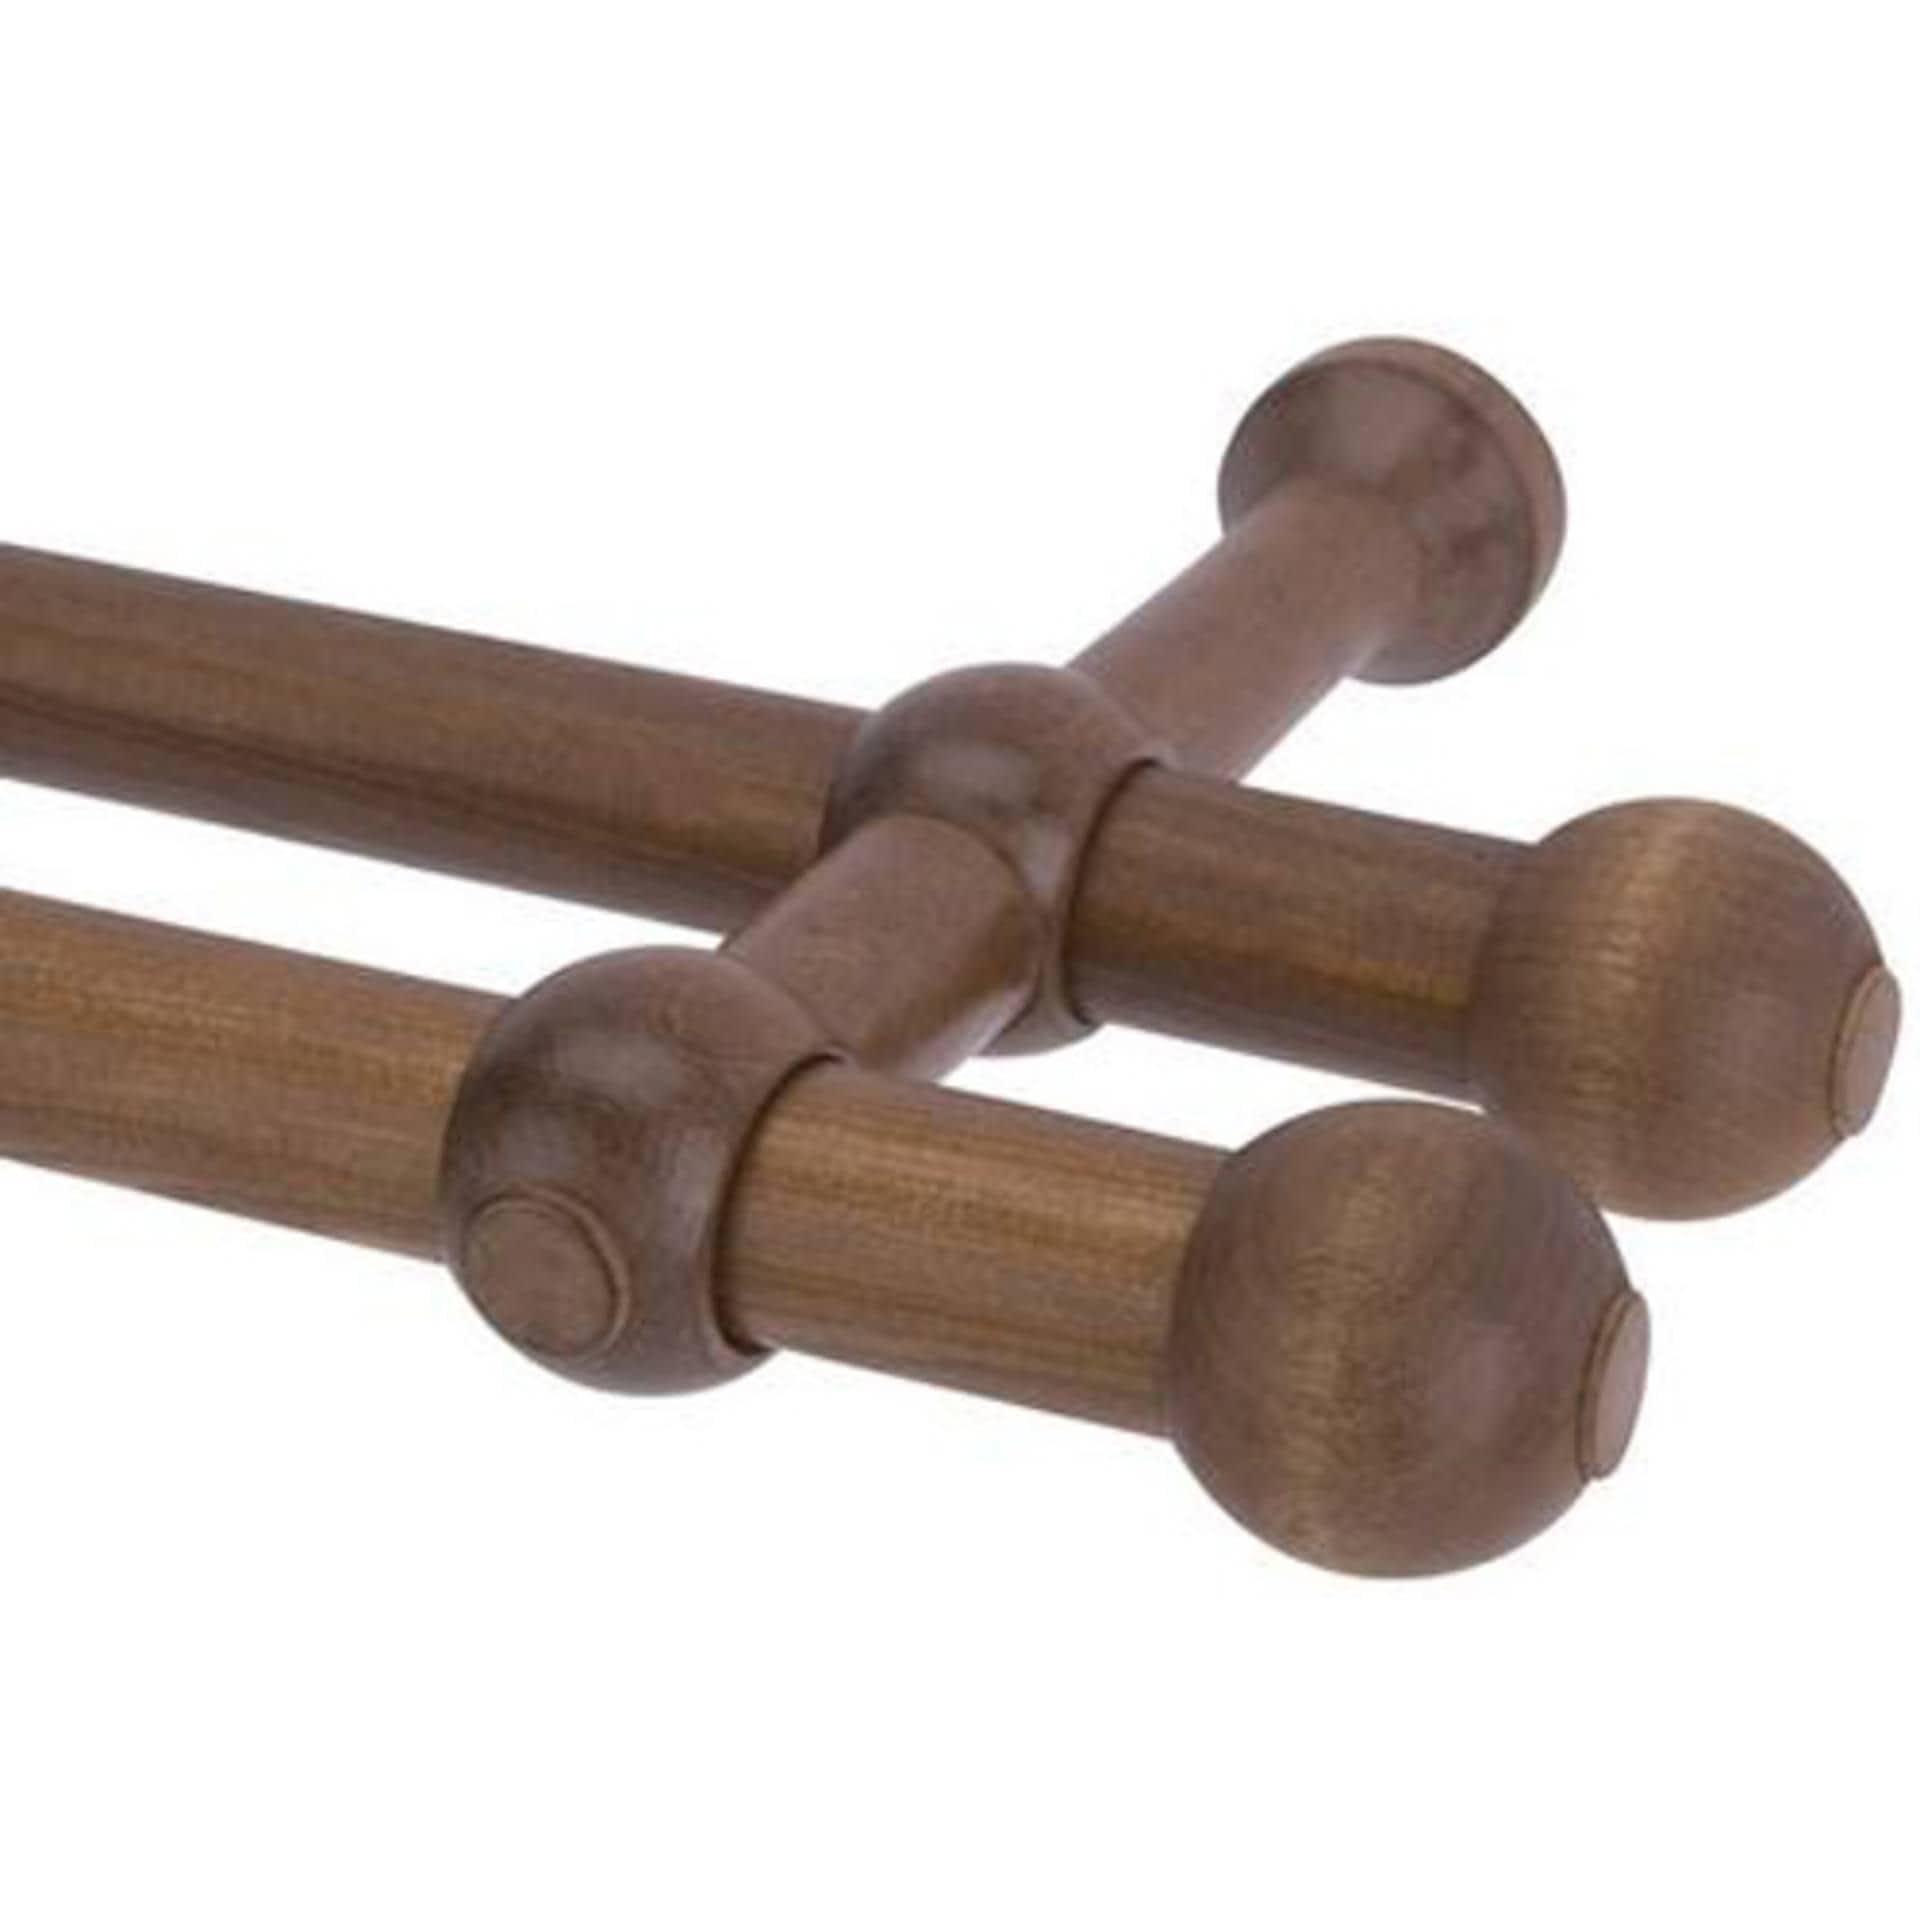 Тканини карнизи - Карниз дерев'яний прато нью ІІ дуб 25/25мм/300см